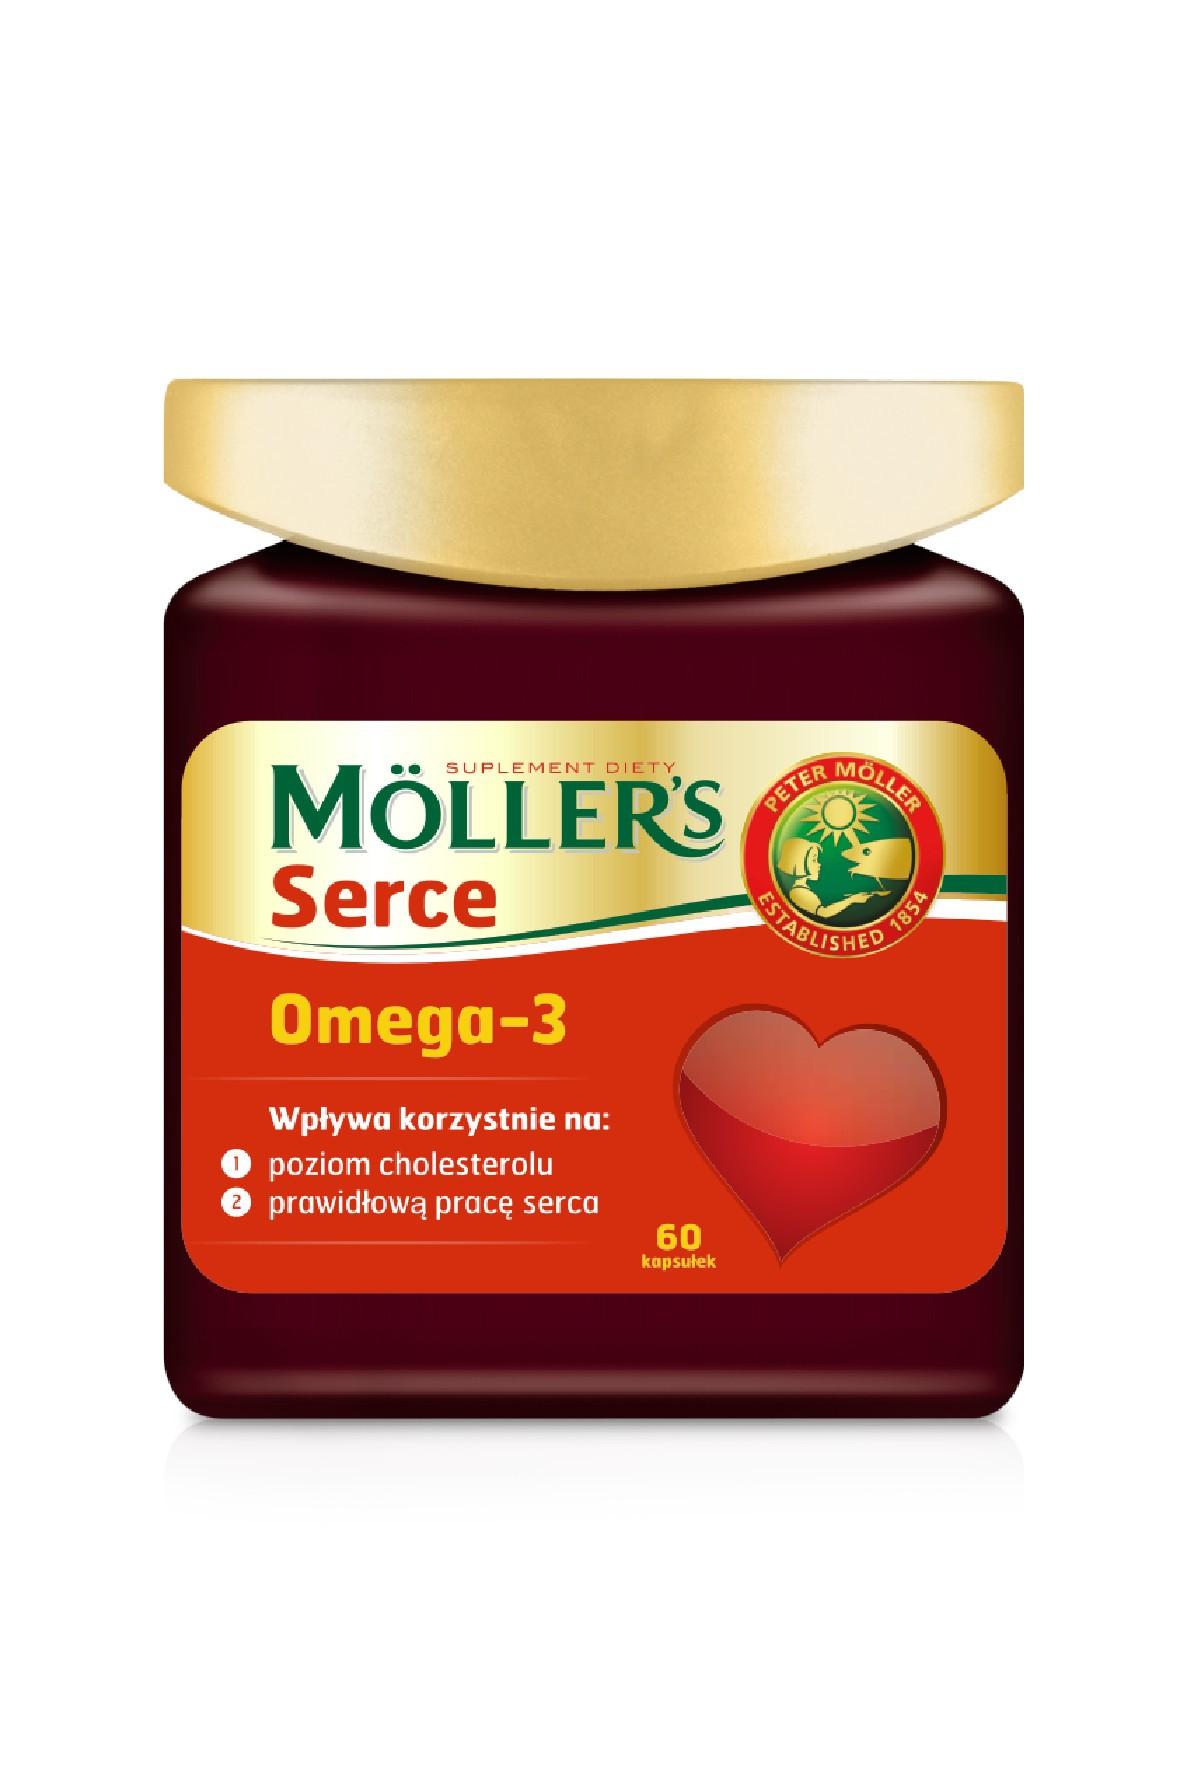 Möller's Serce suplement diety 60 szt.